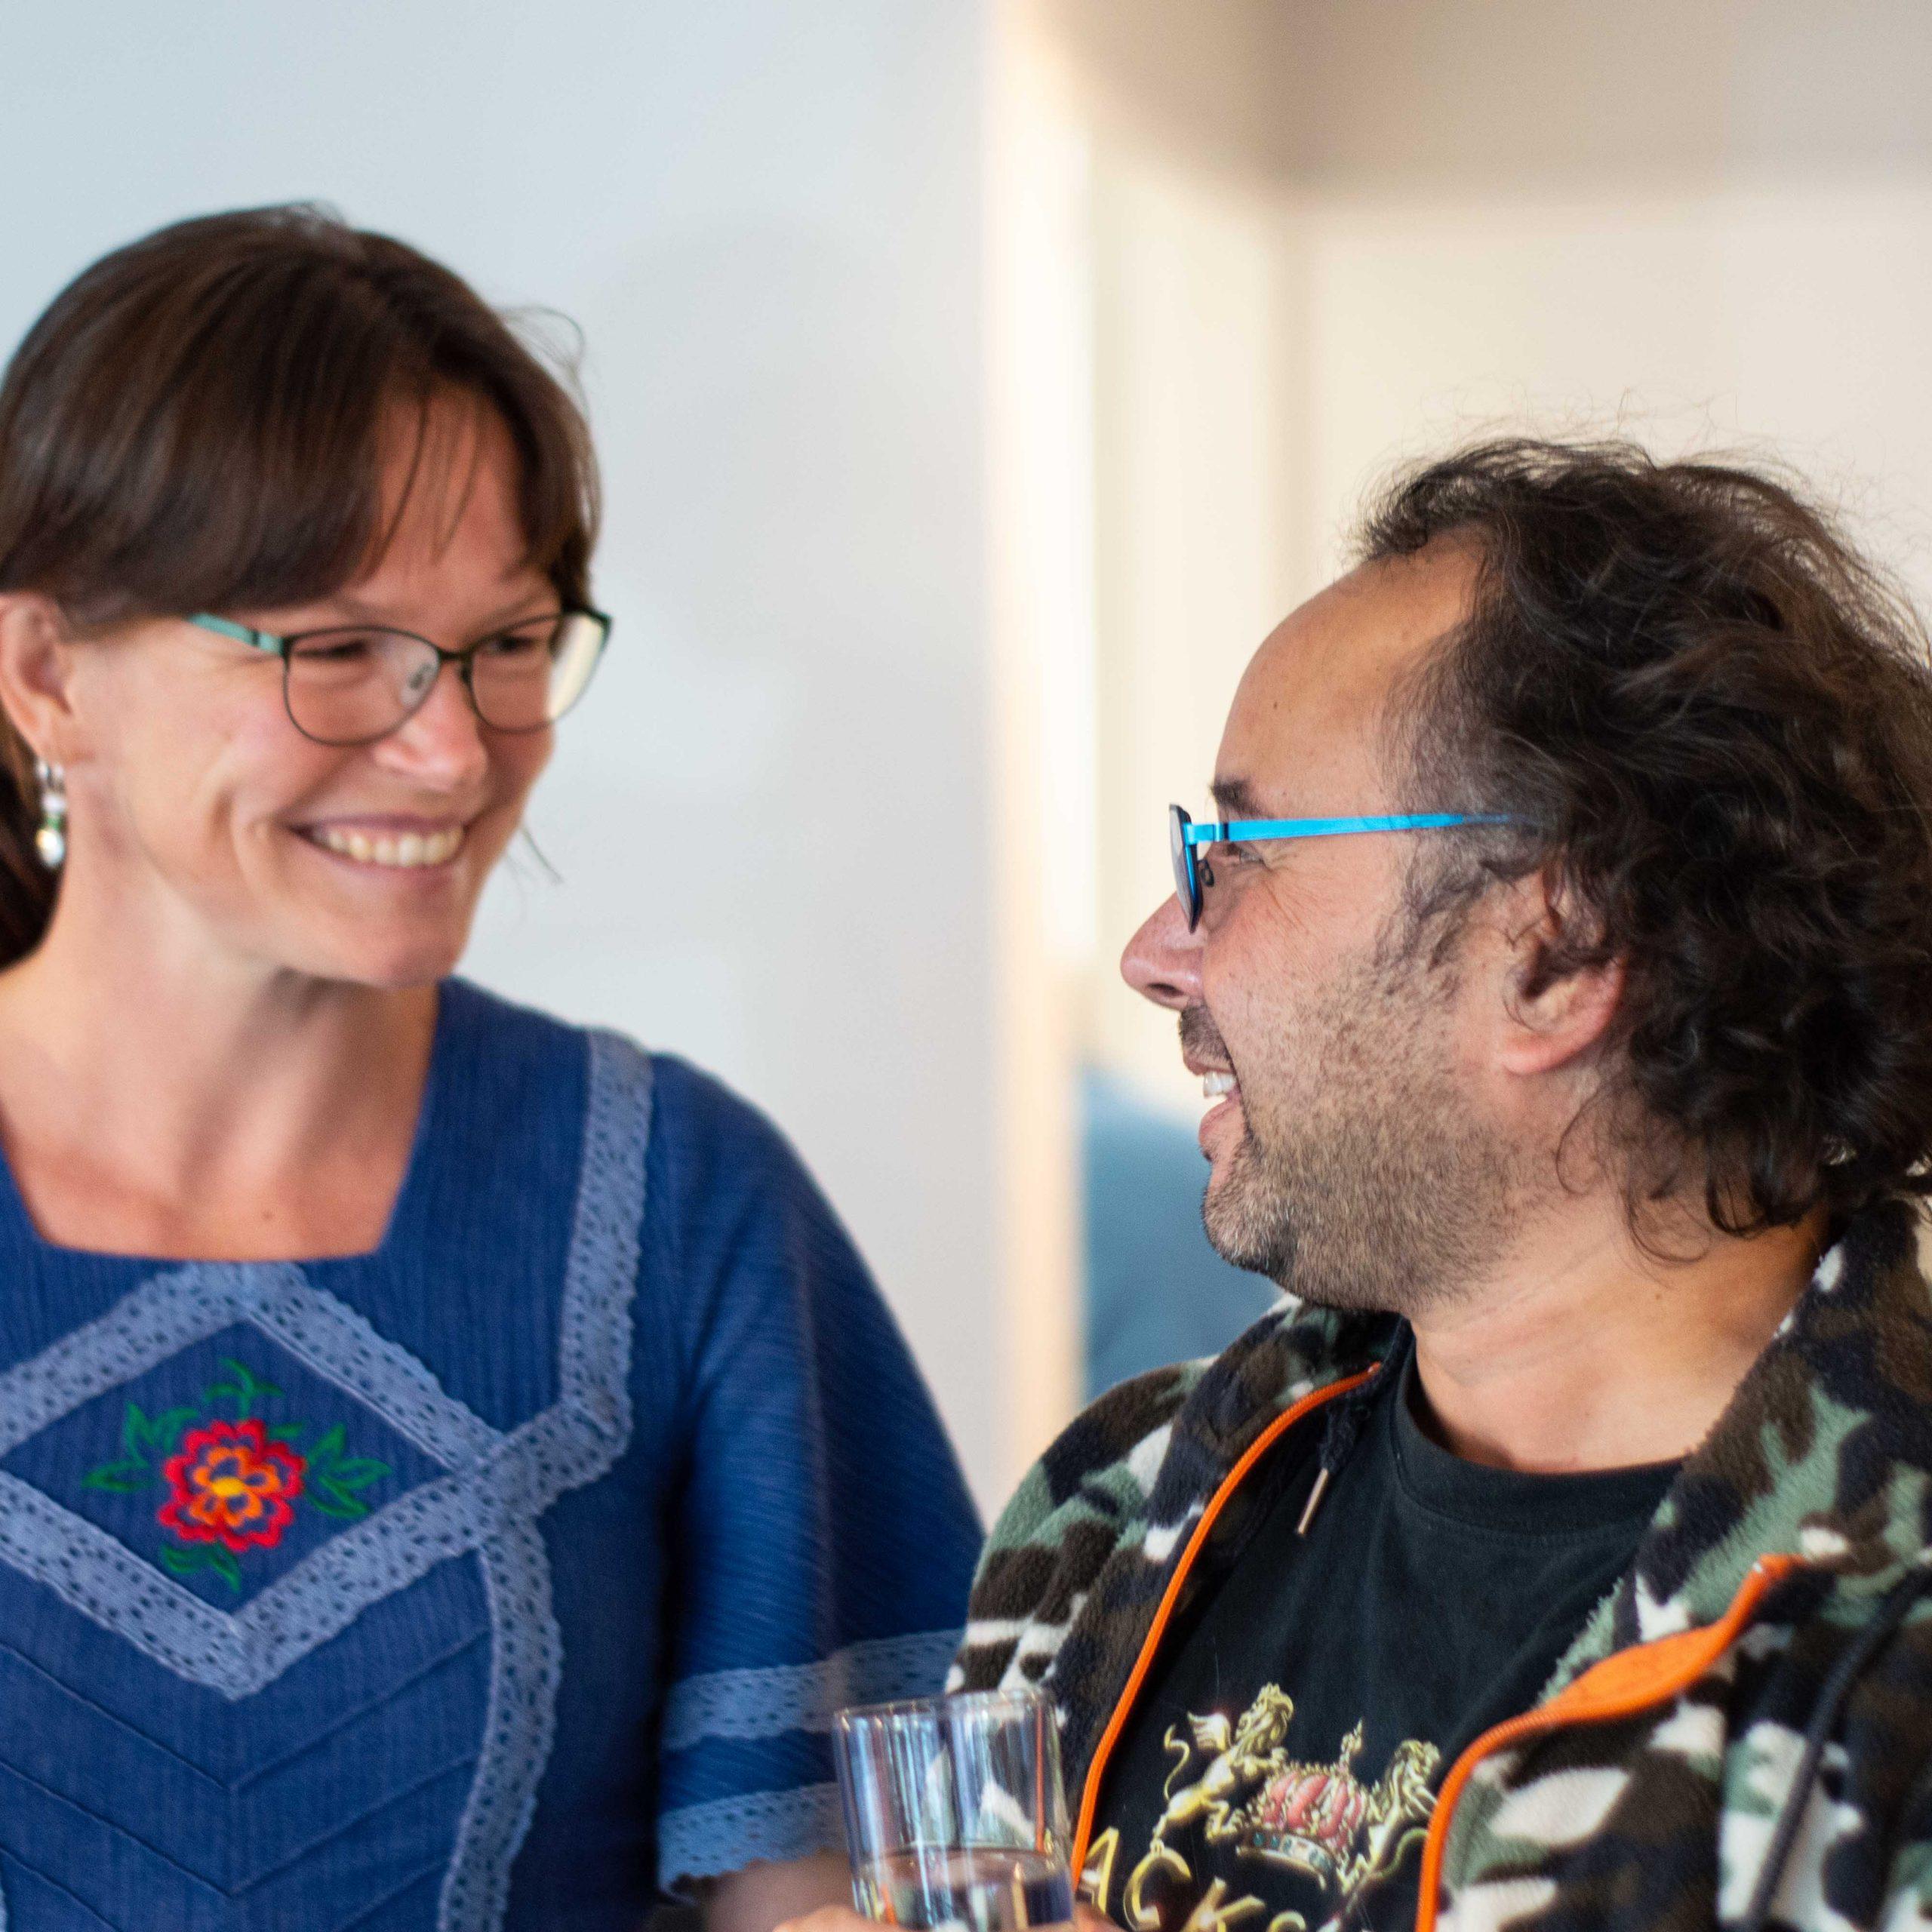 Meet-Inn-coördinator Lisan met een van de vaste gasten